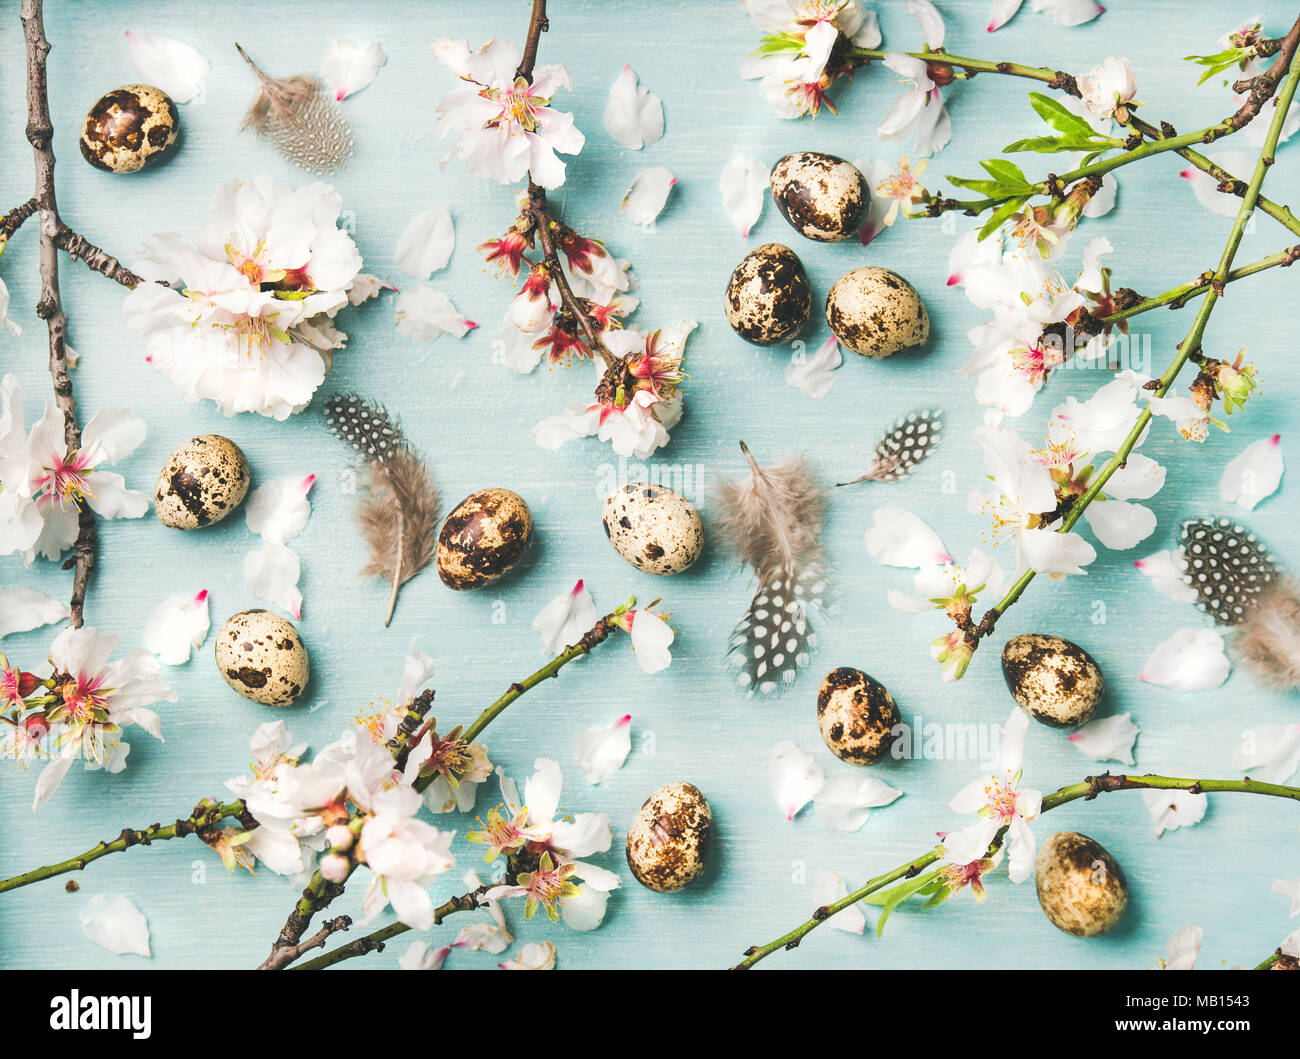 Ostern Hintergrund, Textur und Tapeten. Flachbild-lay von Ausschreibung Frühling Mandelblüte Blumen auf Ästen, Federn und Wachteleier über Licht Blu Stockbild